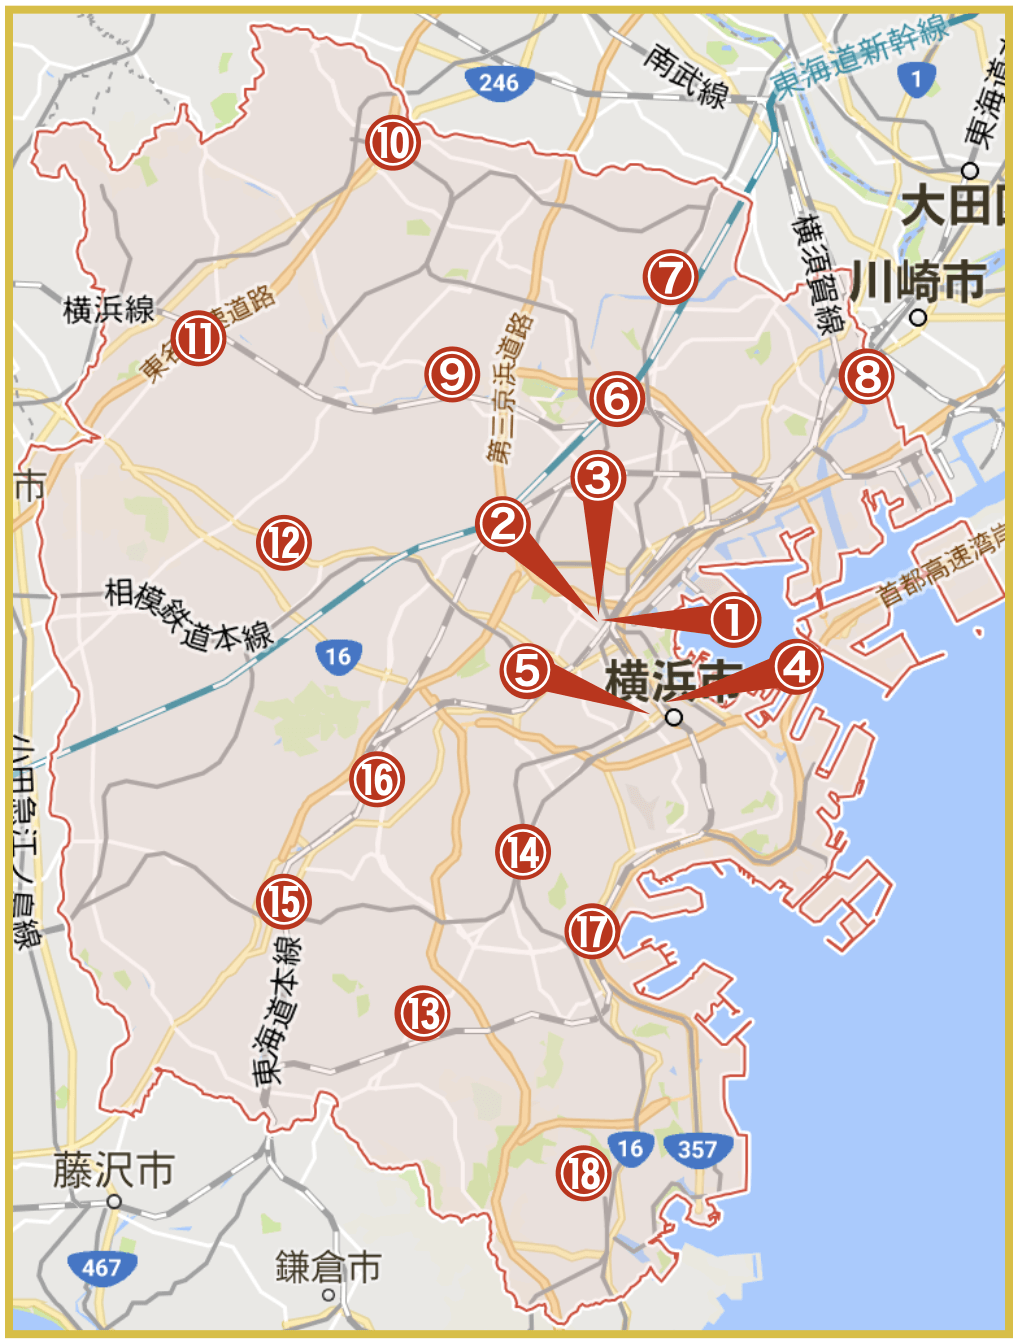 横浜市にあるアコム店舗・ATMの位置(2020年11月版)